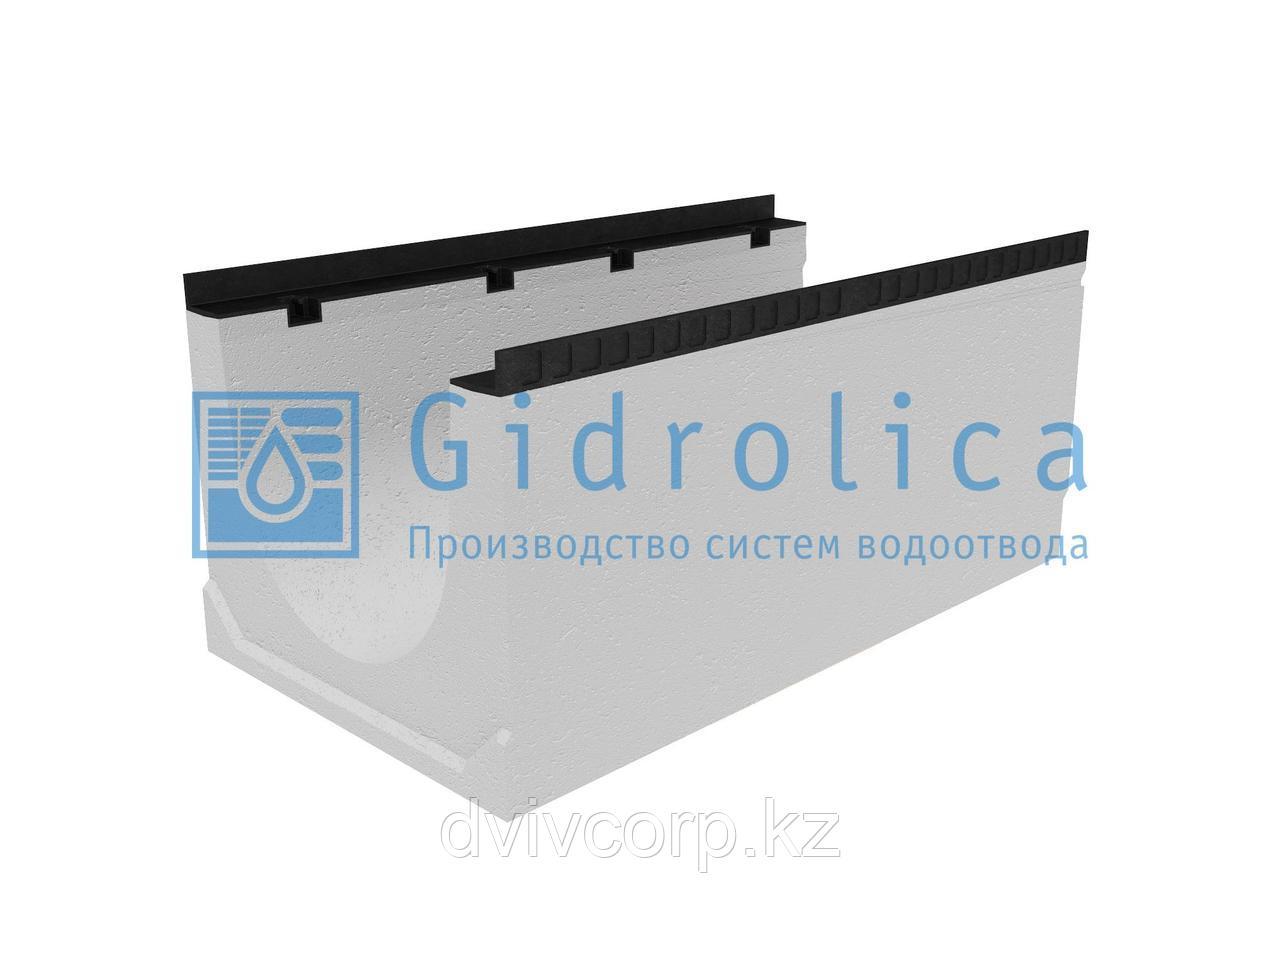 Лоток водоотводный бетонный коробчатый (СО-400мм), с уклоном 0,5%  КUу 100.54(40).46,5(38,5) - BGМ, № 3